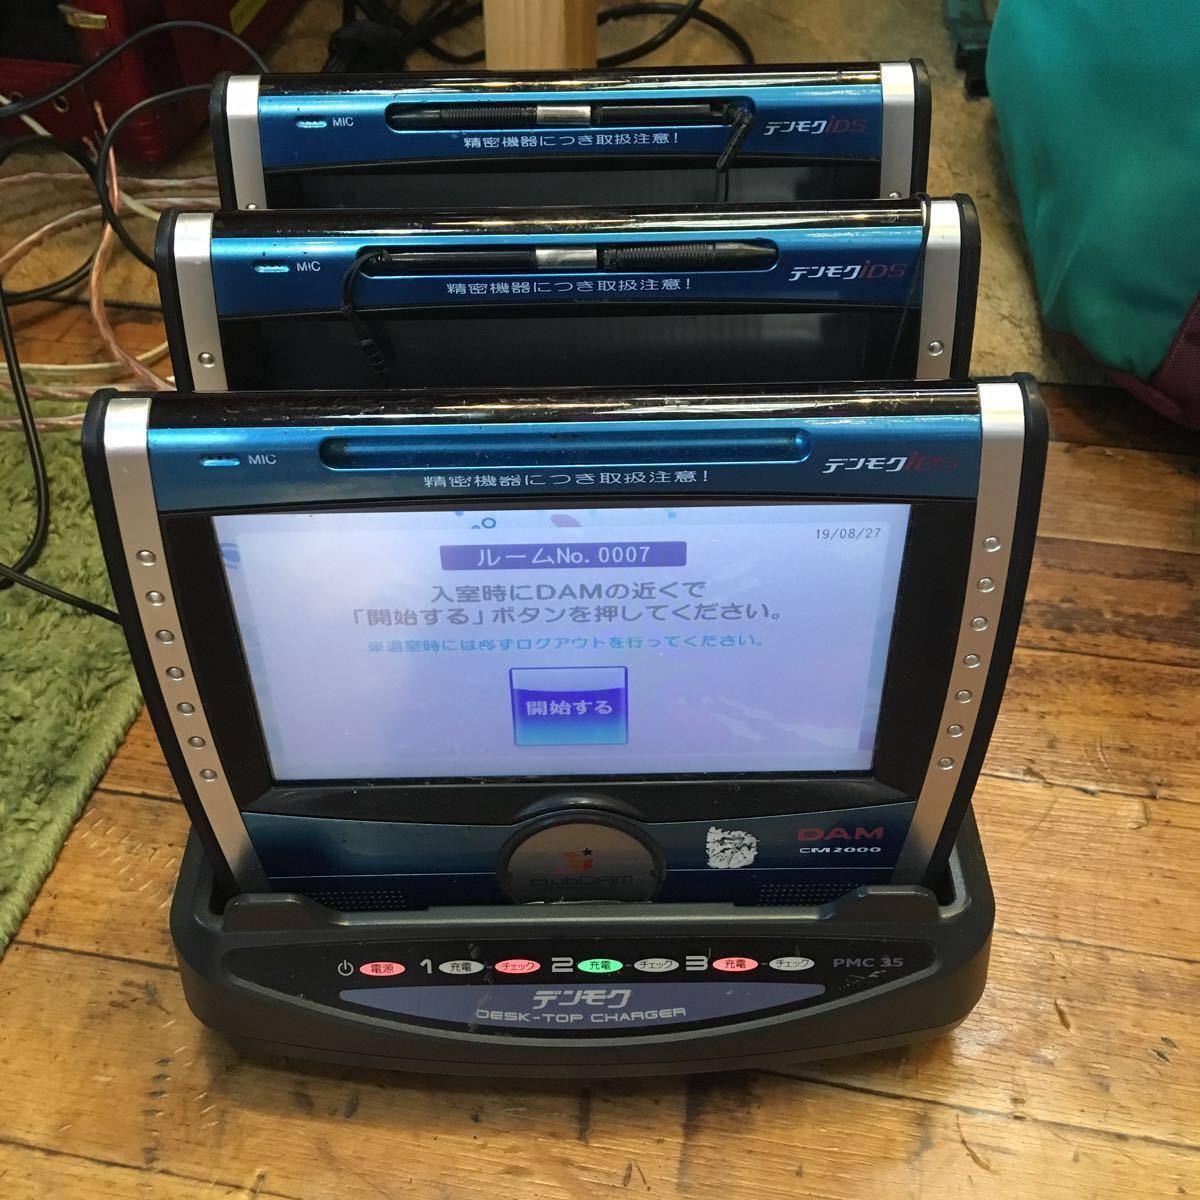 第一興商 デンモク 充電器 4点セット 現状品 DAM CM2000 PMC35_画像1